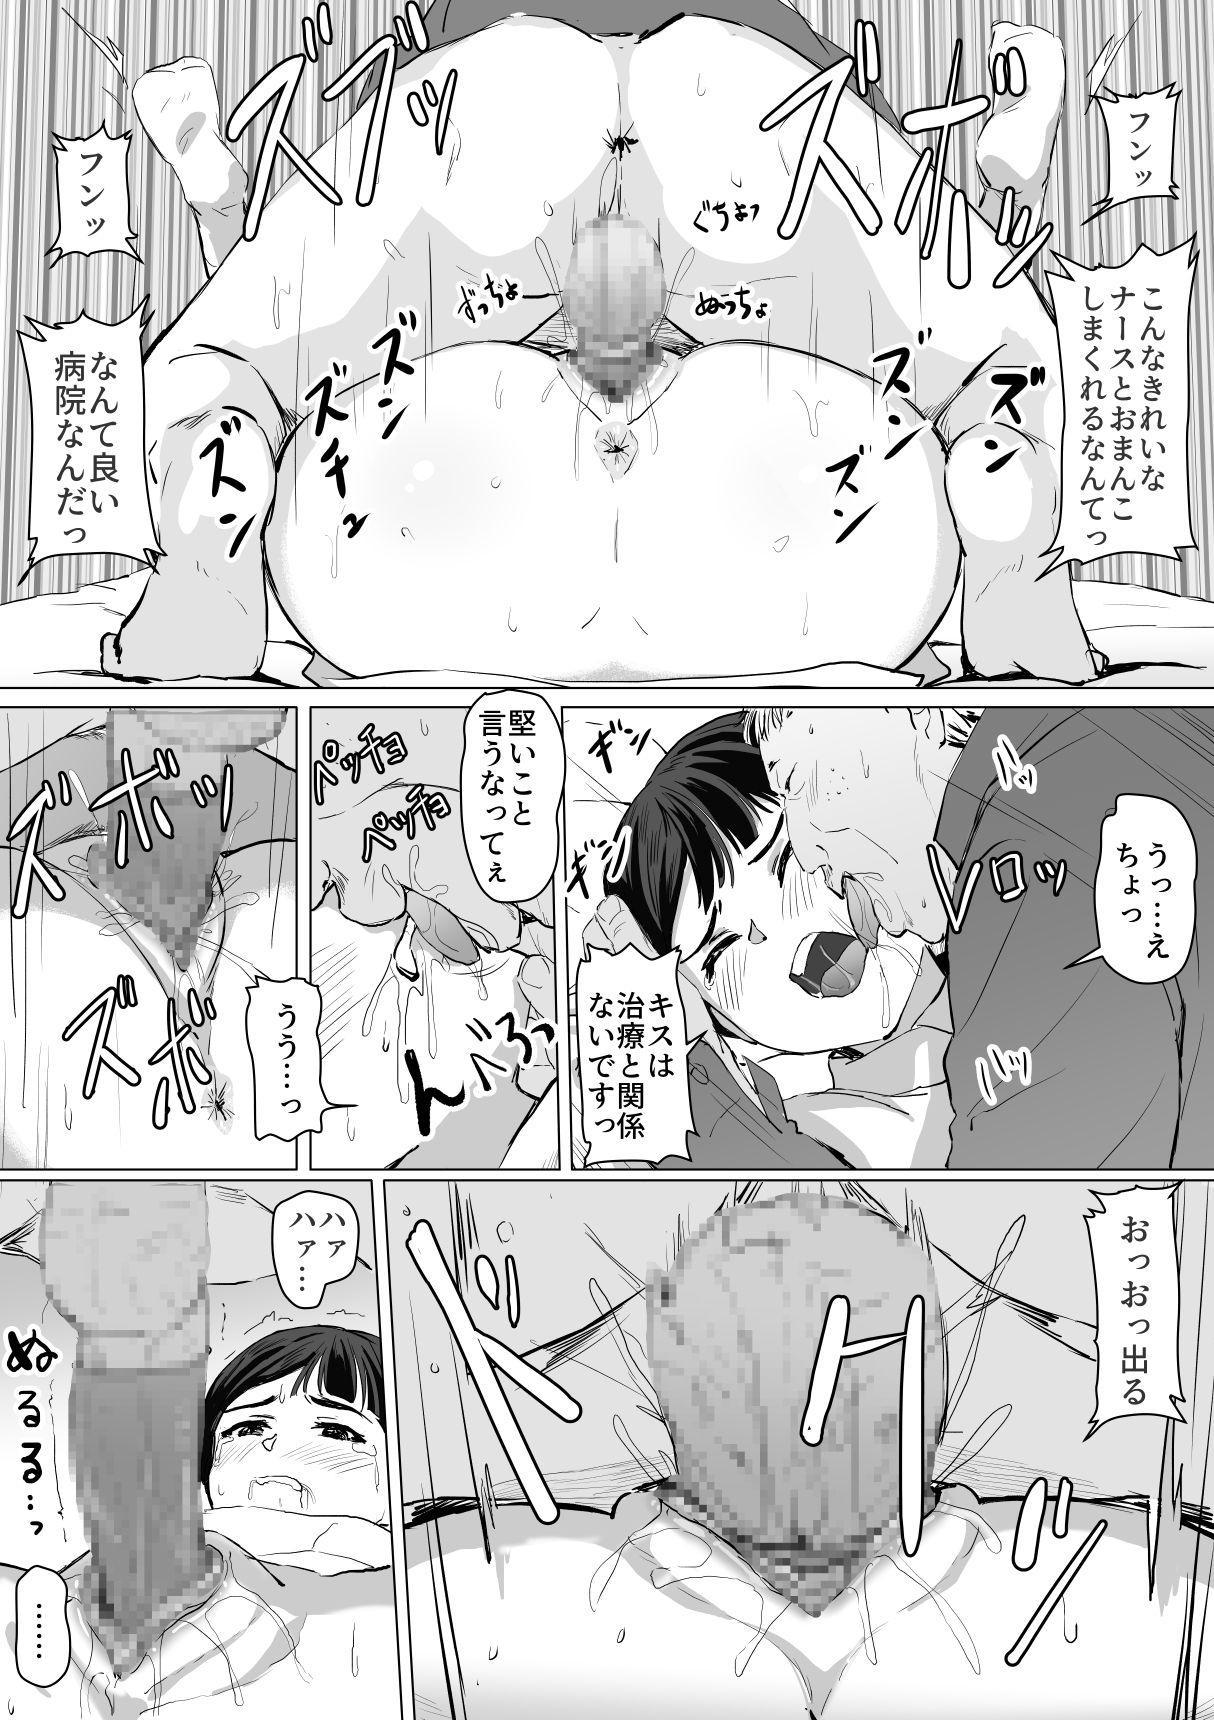 Kimajime Nurse no Seiyoku Shori Jisshuu 27